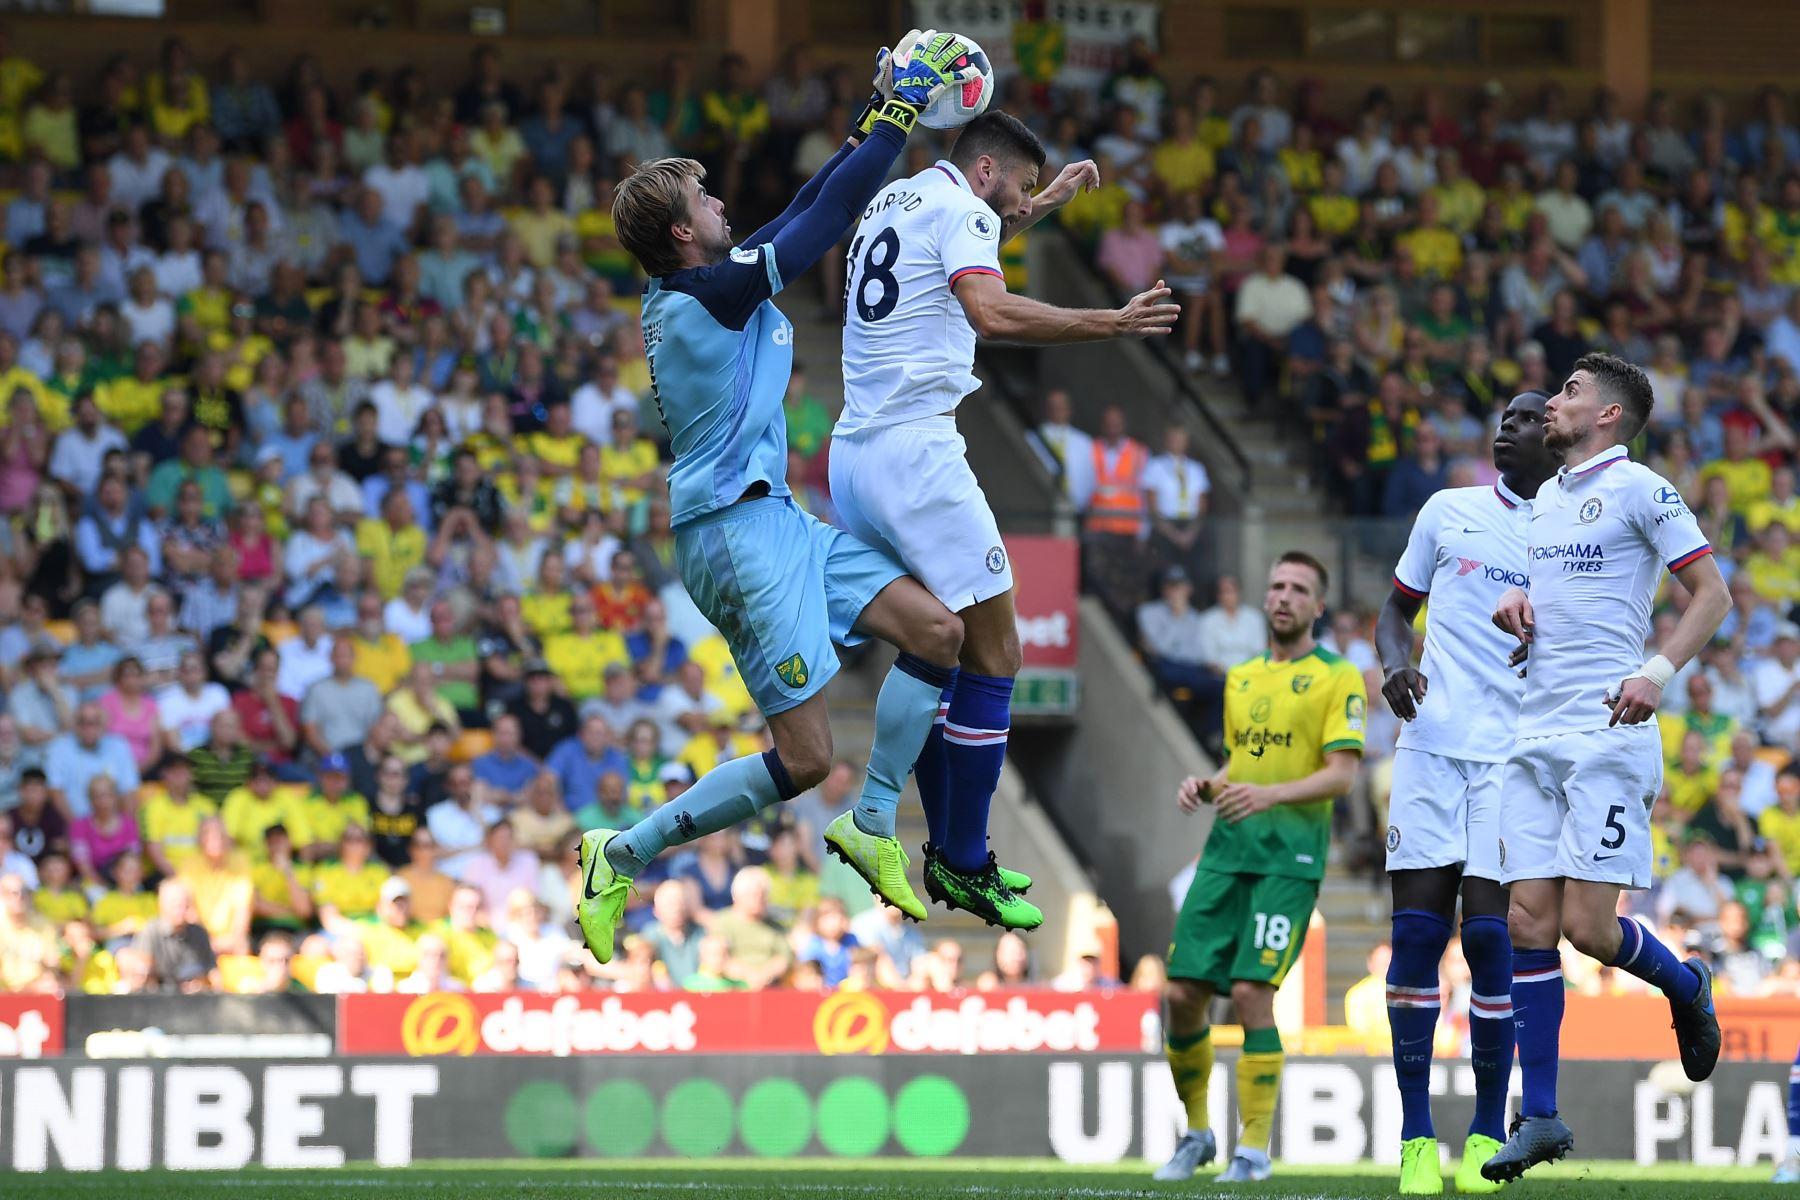 El delantero francés del Chelsea Olivier Giroud (C) comete una falta sobre el portero holandés de Norwich City Tim Krul (L) durante el partido de fútbol de la Premier League inglesa entre Norwich City y Chelsea. Foto.AFP